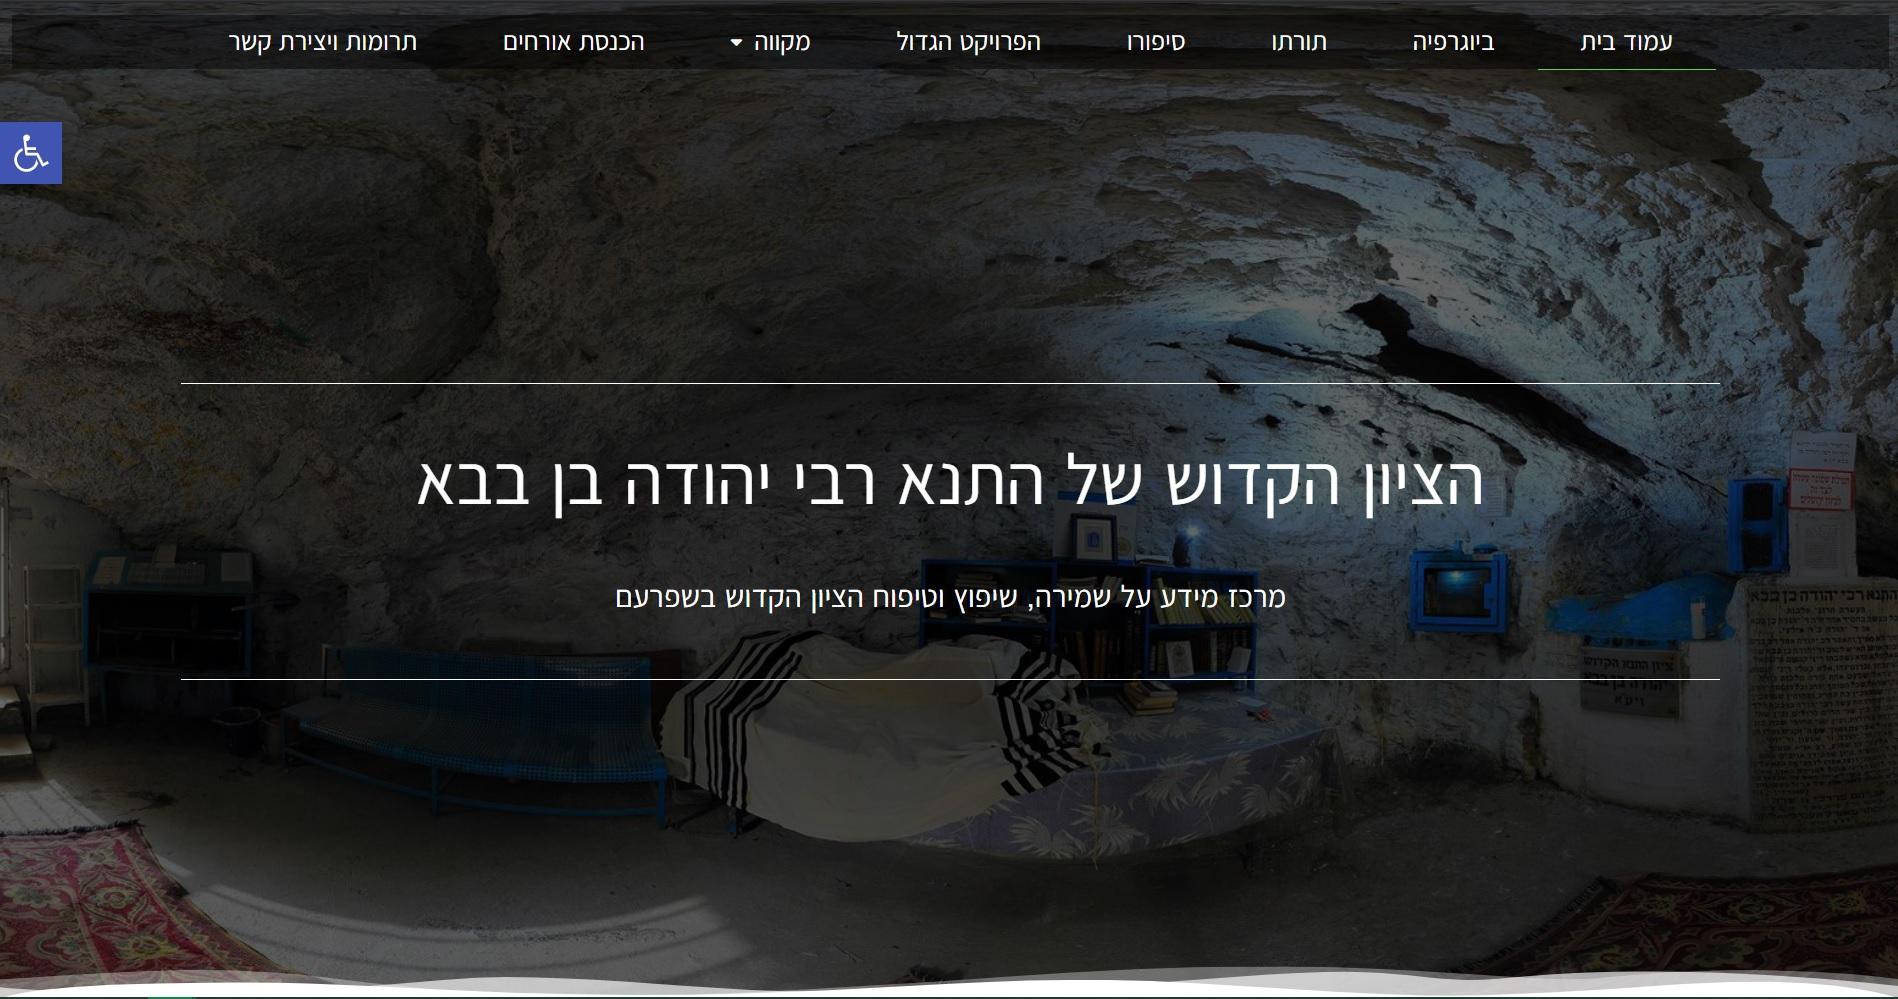 אתר תרומה פרו-בונו לעמותת רבי יהודה בן בבא הציון הקדוש תנא אלוקי